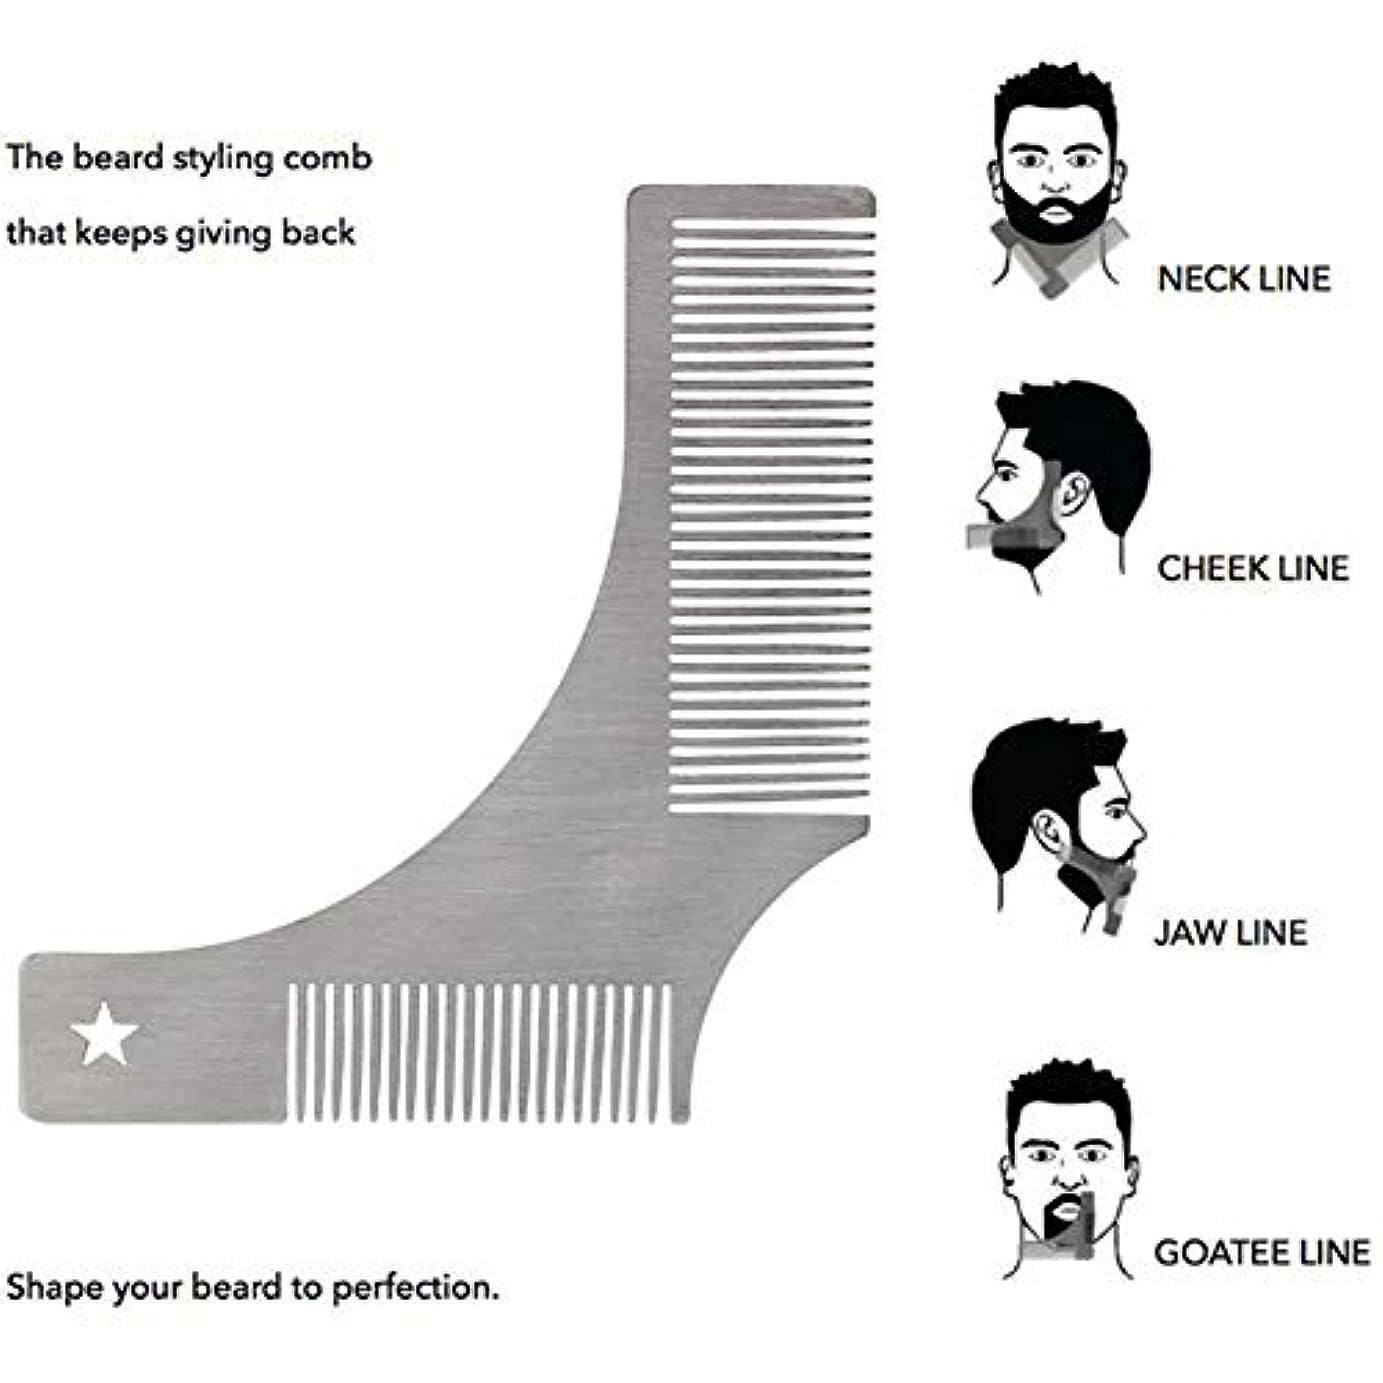 薬理学デッド目を覚ますあごひげくし FidgetFidget ステンレス鋼髭剃り櫛髭剃りツール髭モデリングテンプレートカードツール